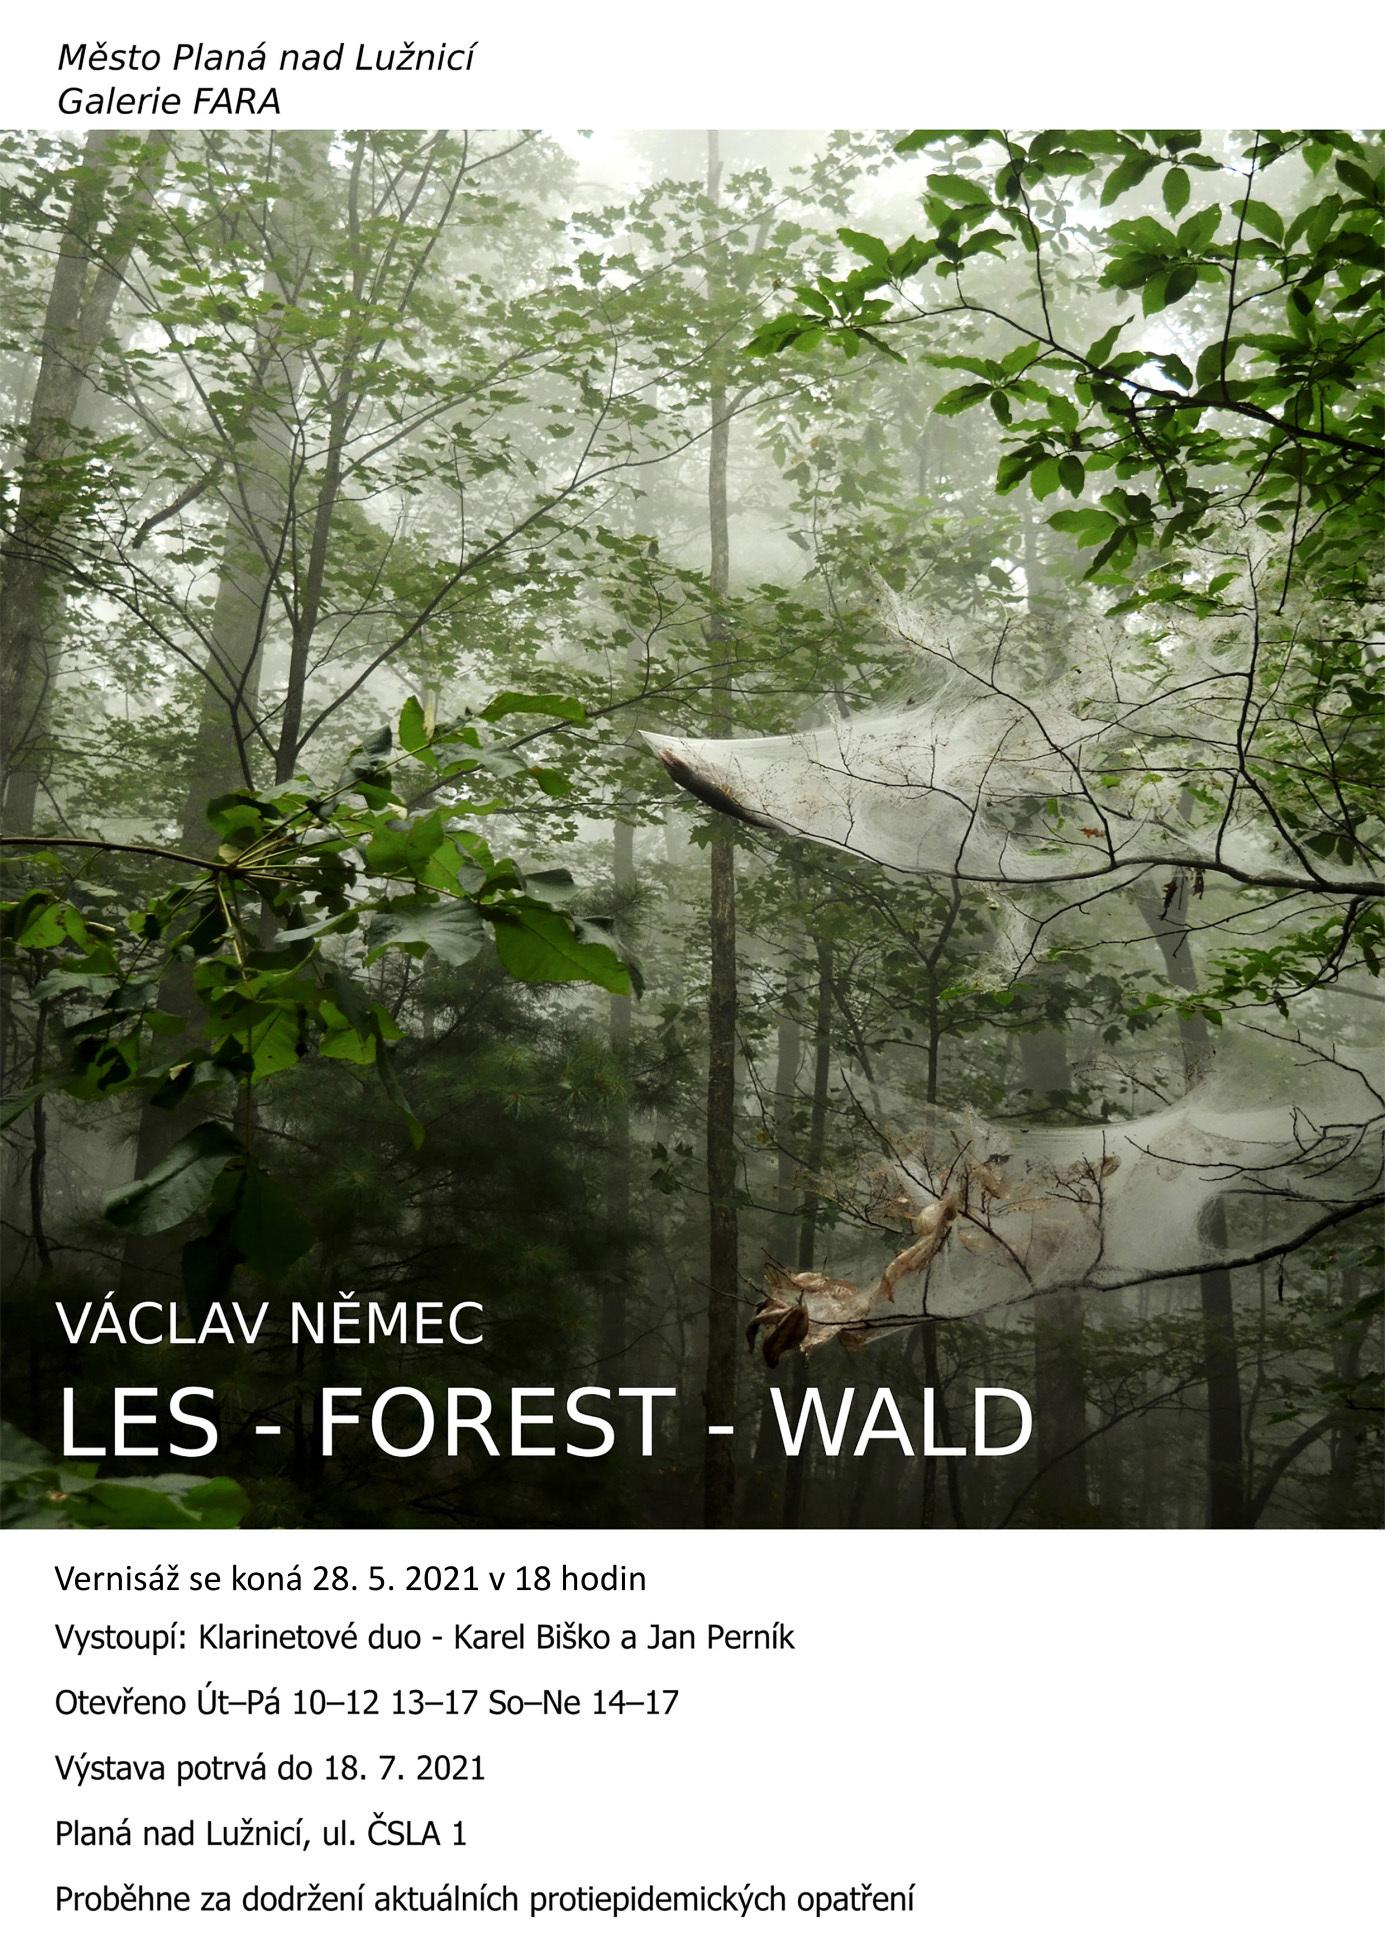 Výstava Les -Forest - Wald, Václav Němec